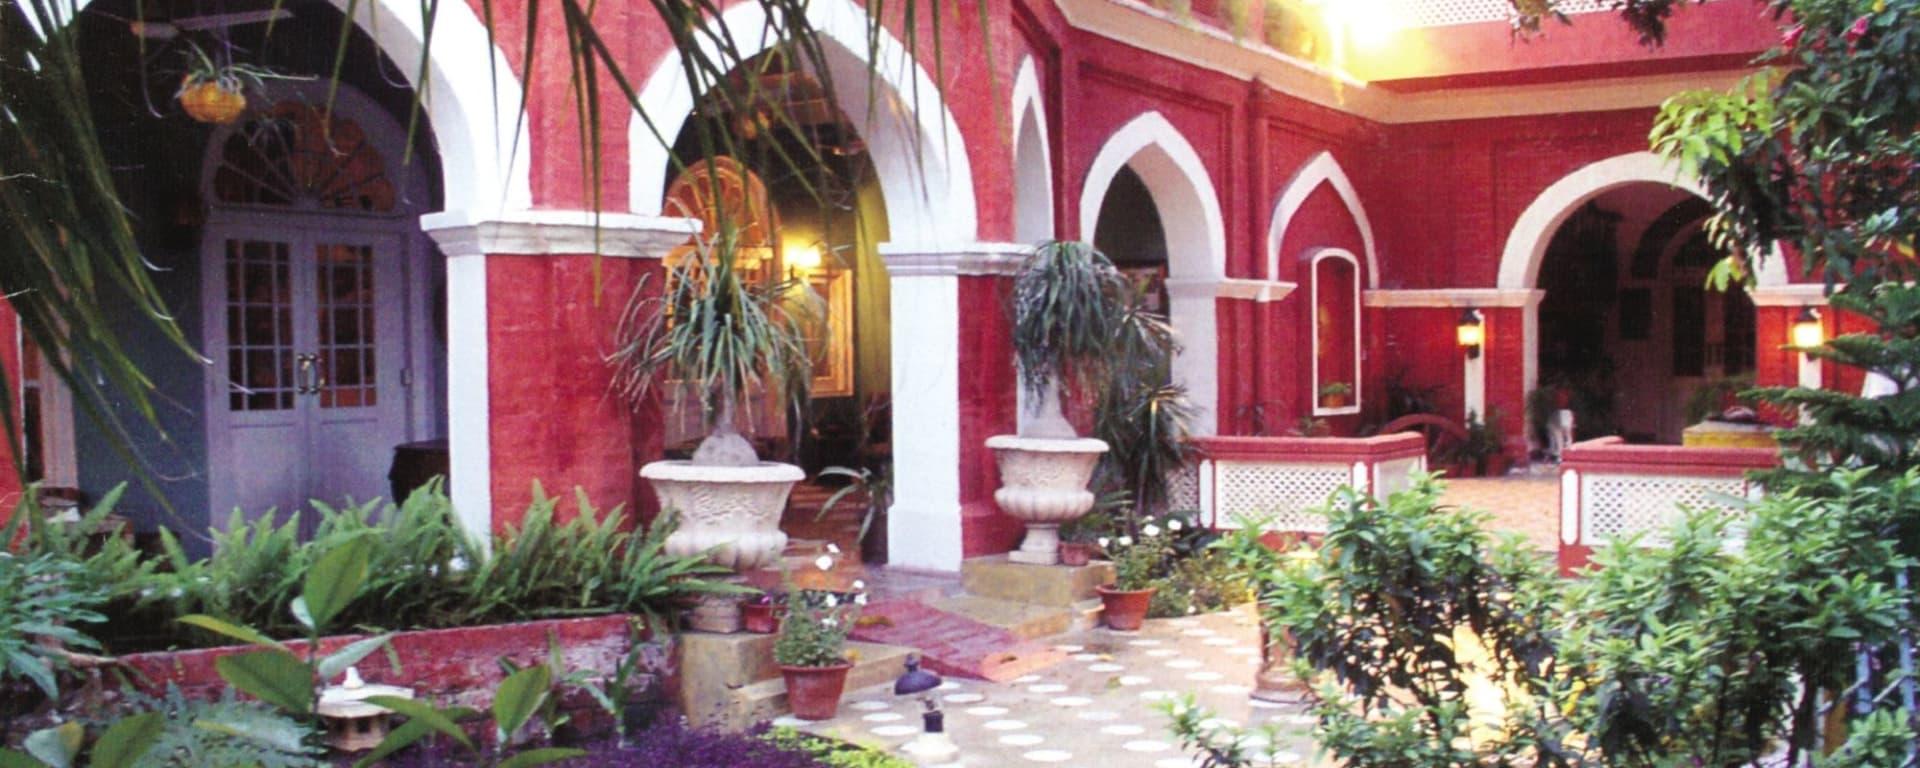 Ranjit's Svaasa à Amritsar: